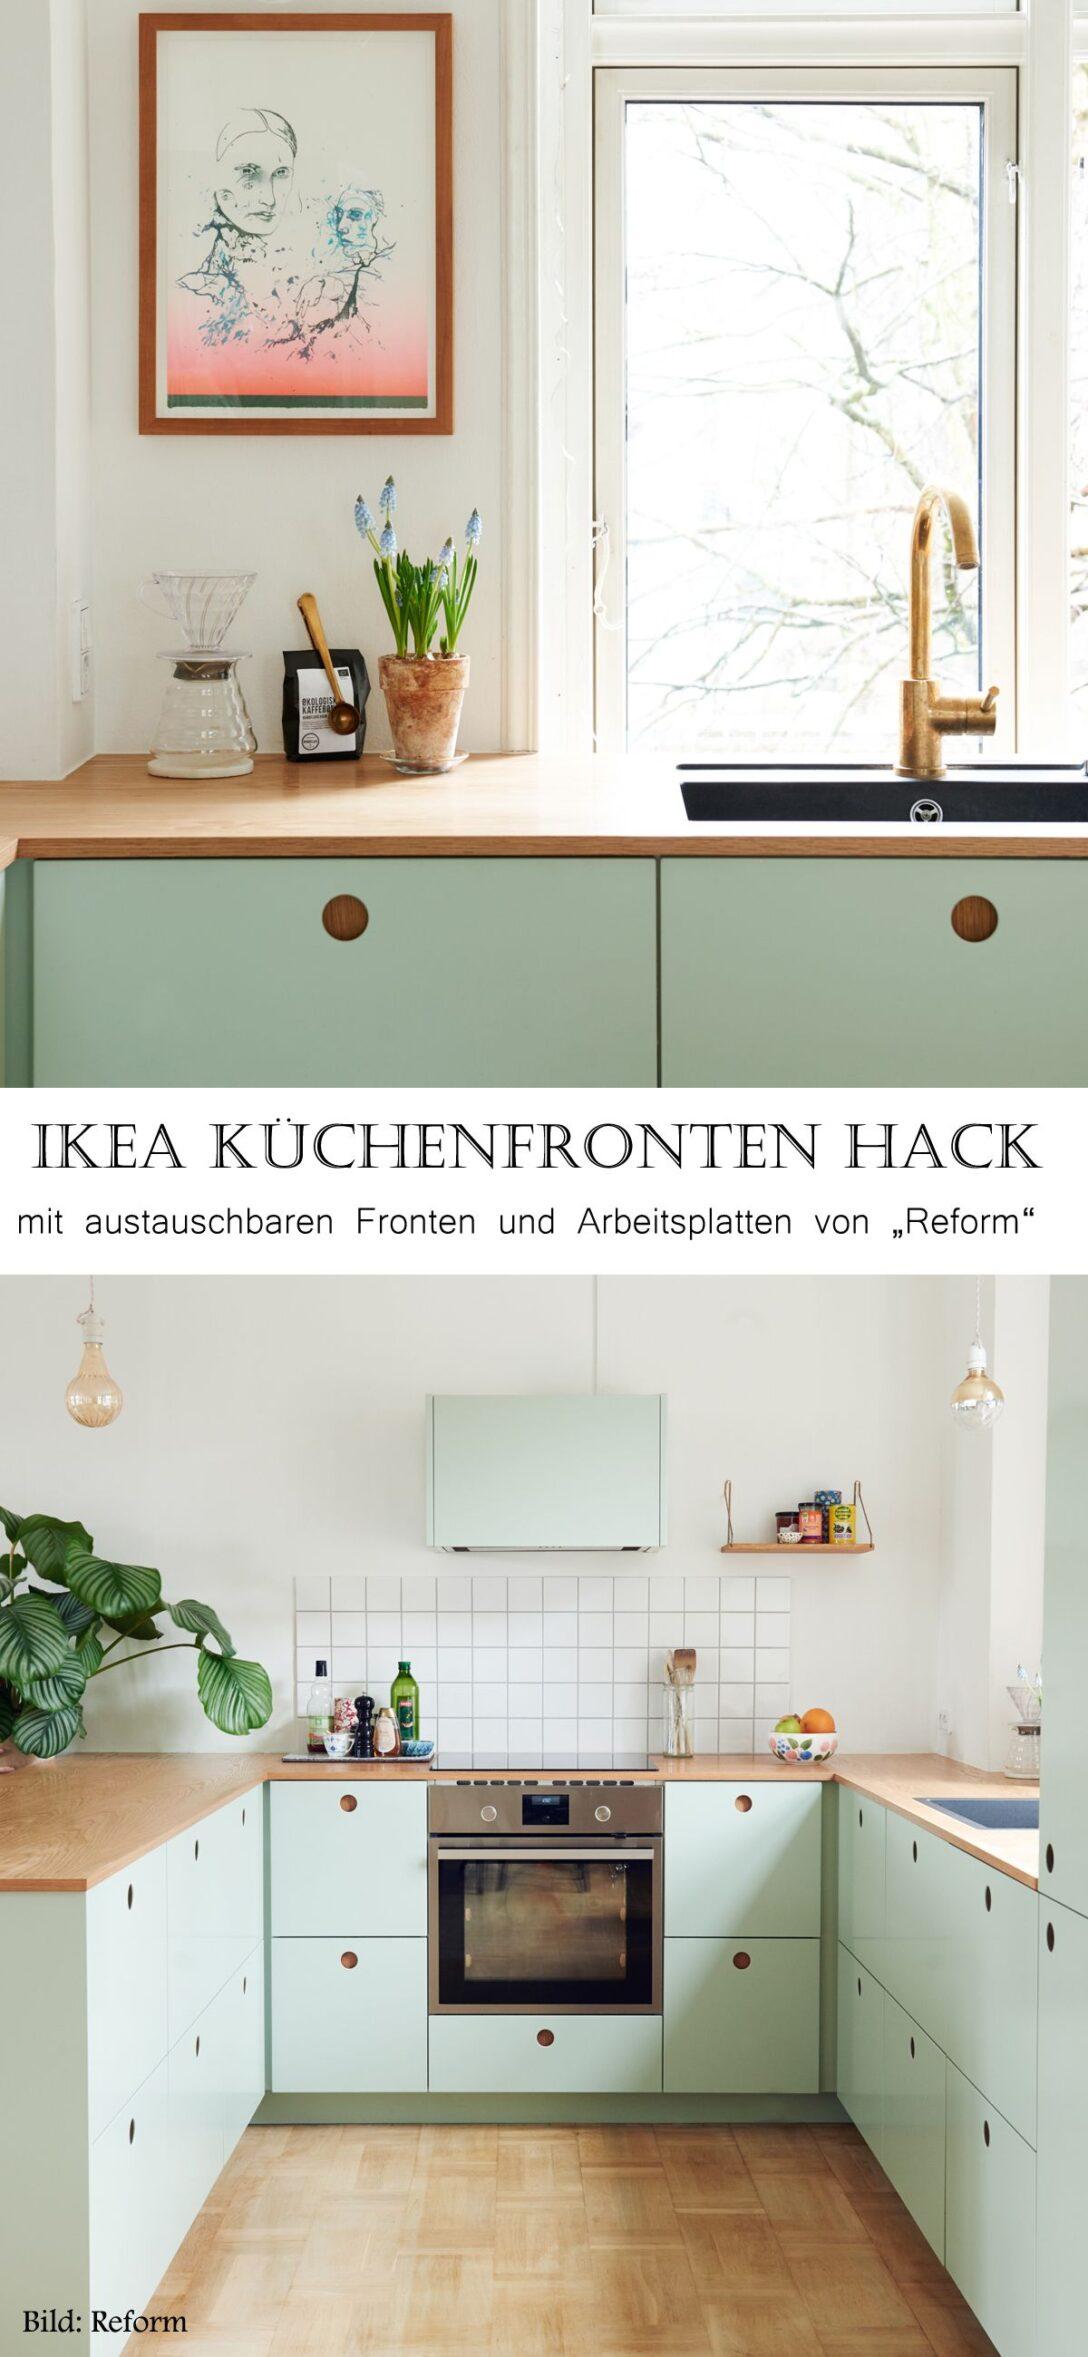 Large Size of Ikea Küche Faktum Landhaus Fronten Fr Kche Kelsebo Selber Planen Kaufen Hängeschrank Vinylboden Essplatz Arbeitsplatte Ohne Elektrogeräte Vinyl Spritzschutz Wohnzimmer Ikea Küche Faktum Landhaus